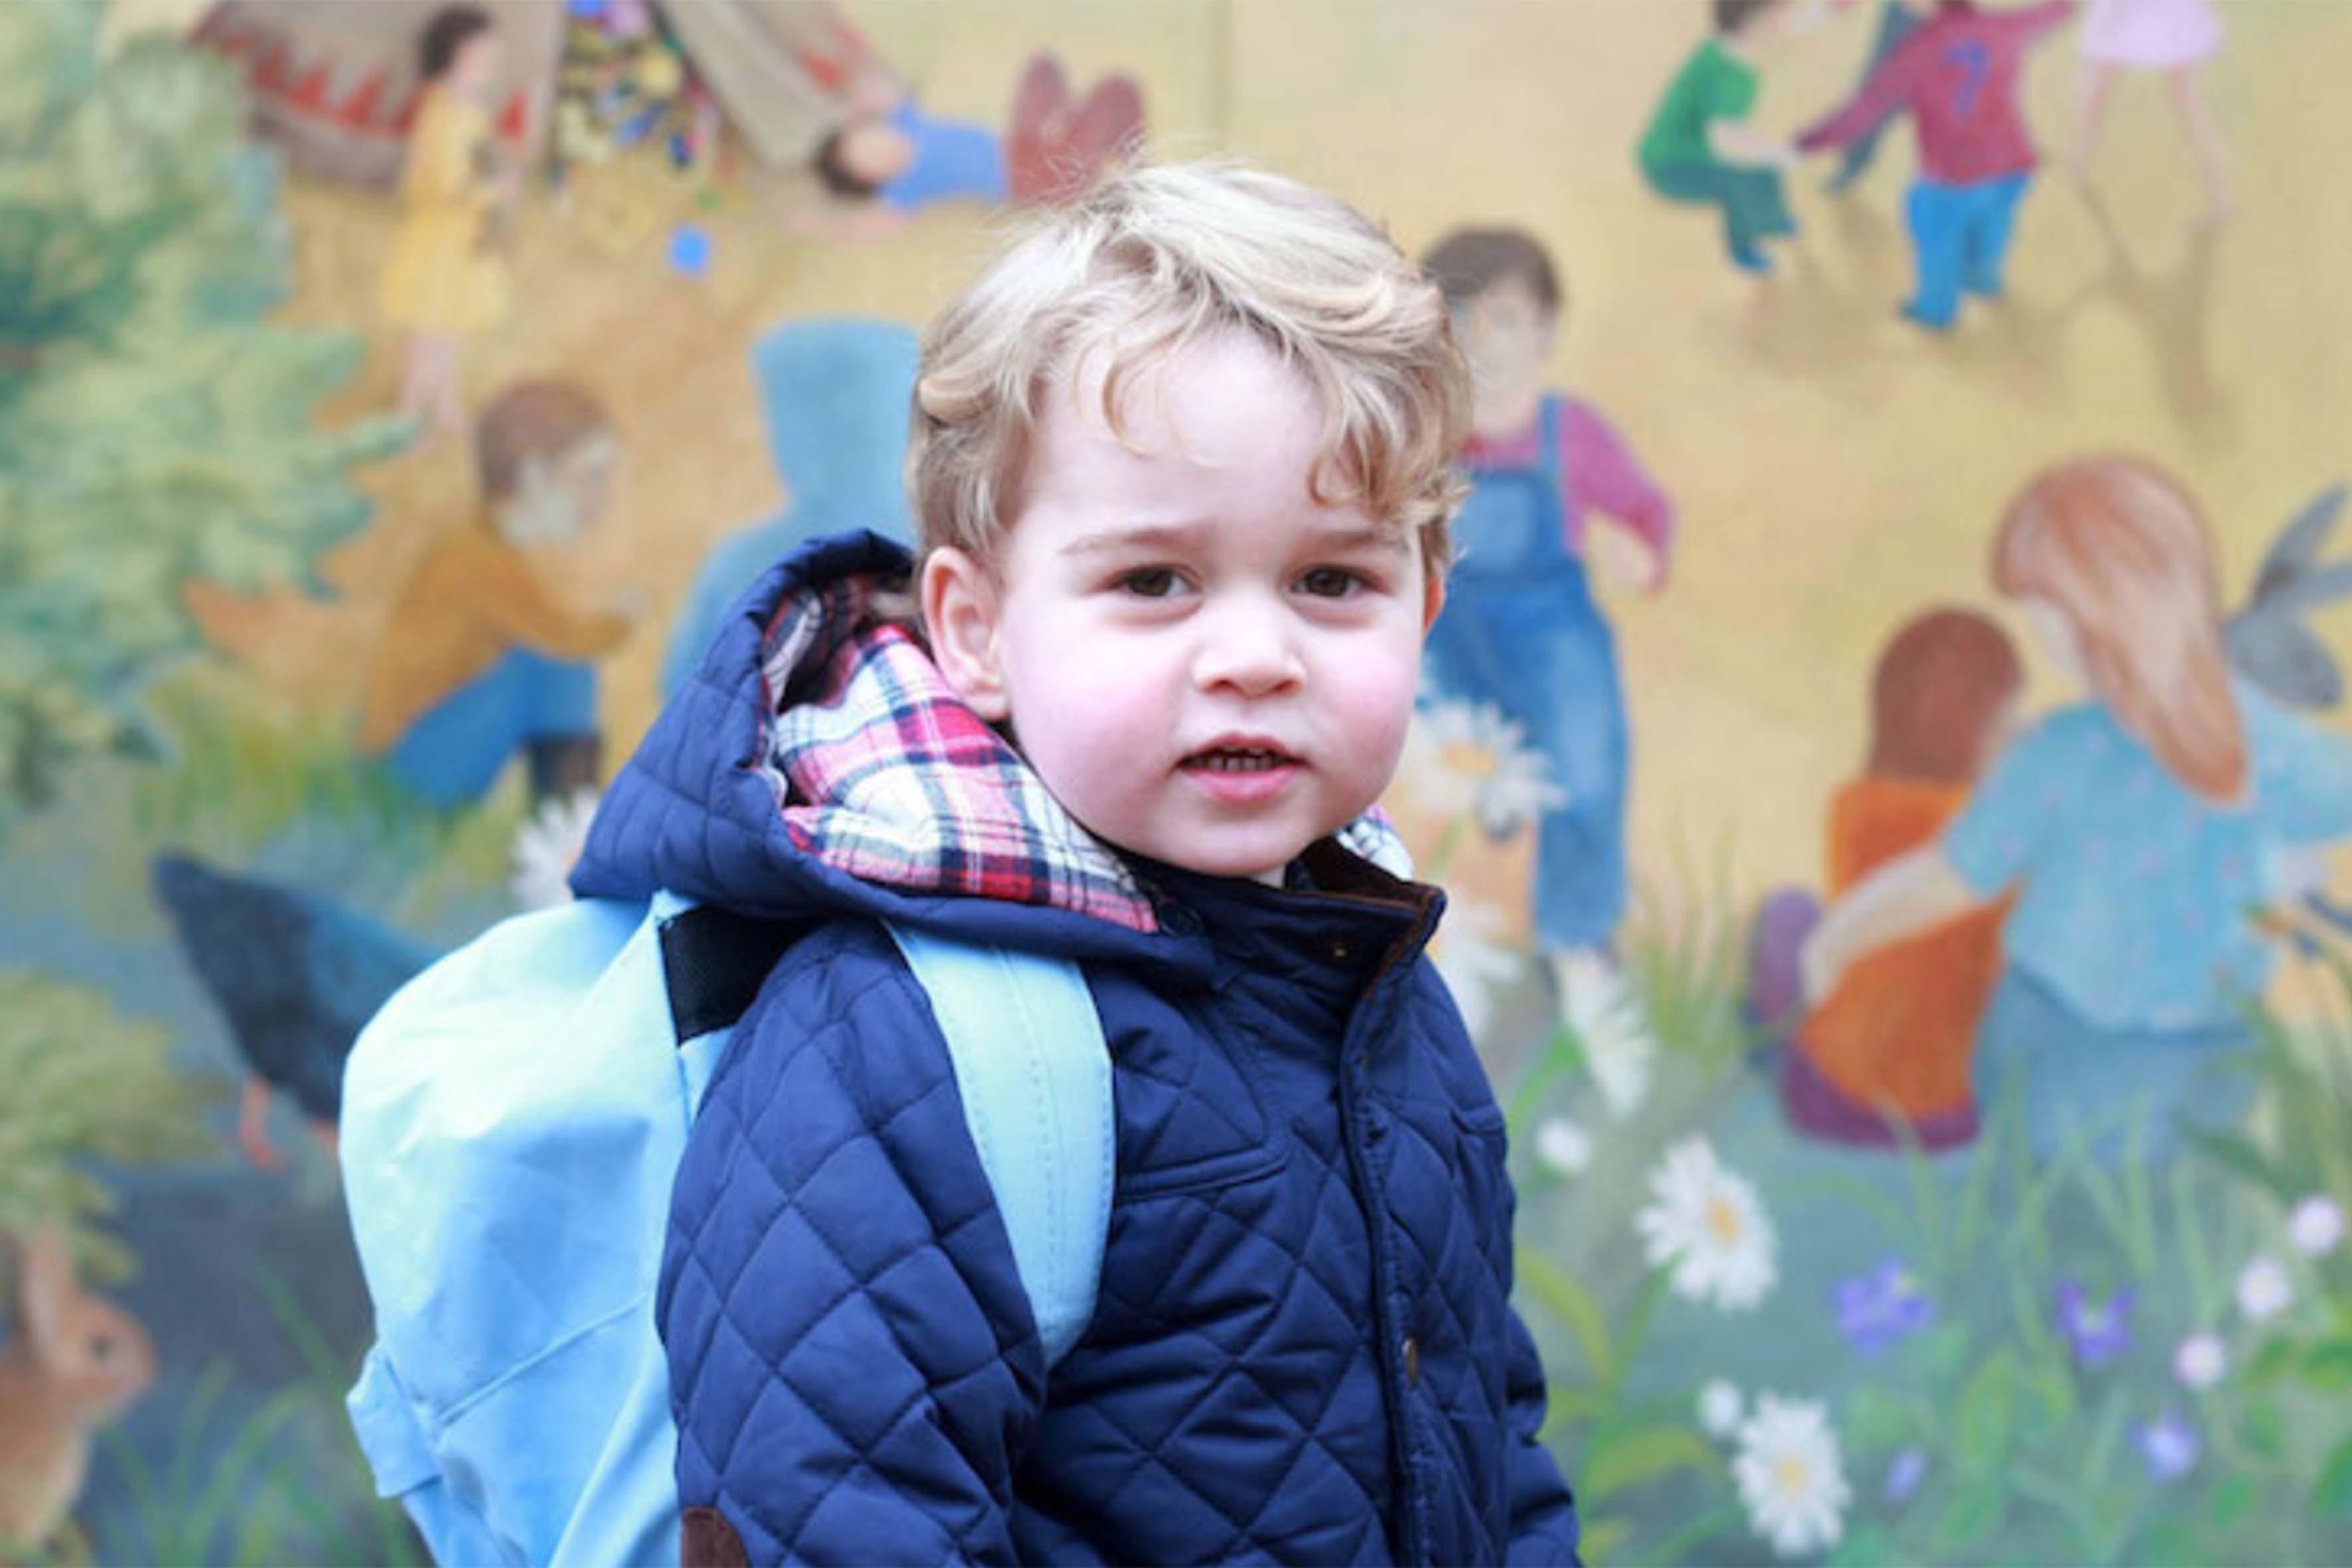 Una foto di George scattata da Kate Middleton in occasione del suo primo giorno di scuola. La duchessa di Cambridge è stata nominata membro onorario a vita dalla Royal Photographic Society, un'importante organizzazione fotografica britannica tra i membri troviamo anche la celebre fotografa Annie Leibovitz, che ha ritratto spesso i membri della famiglia reale